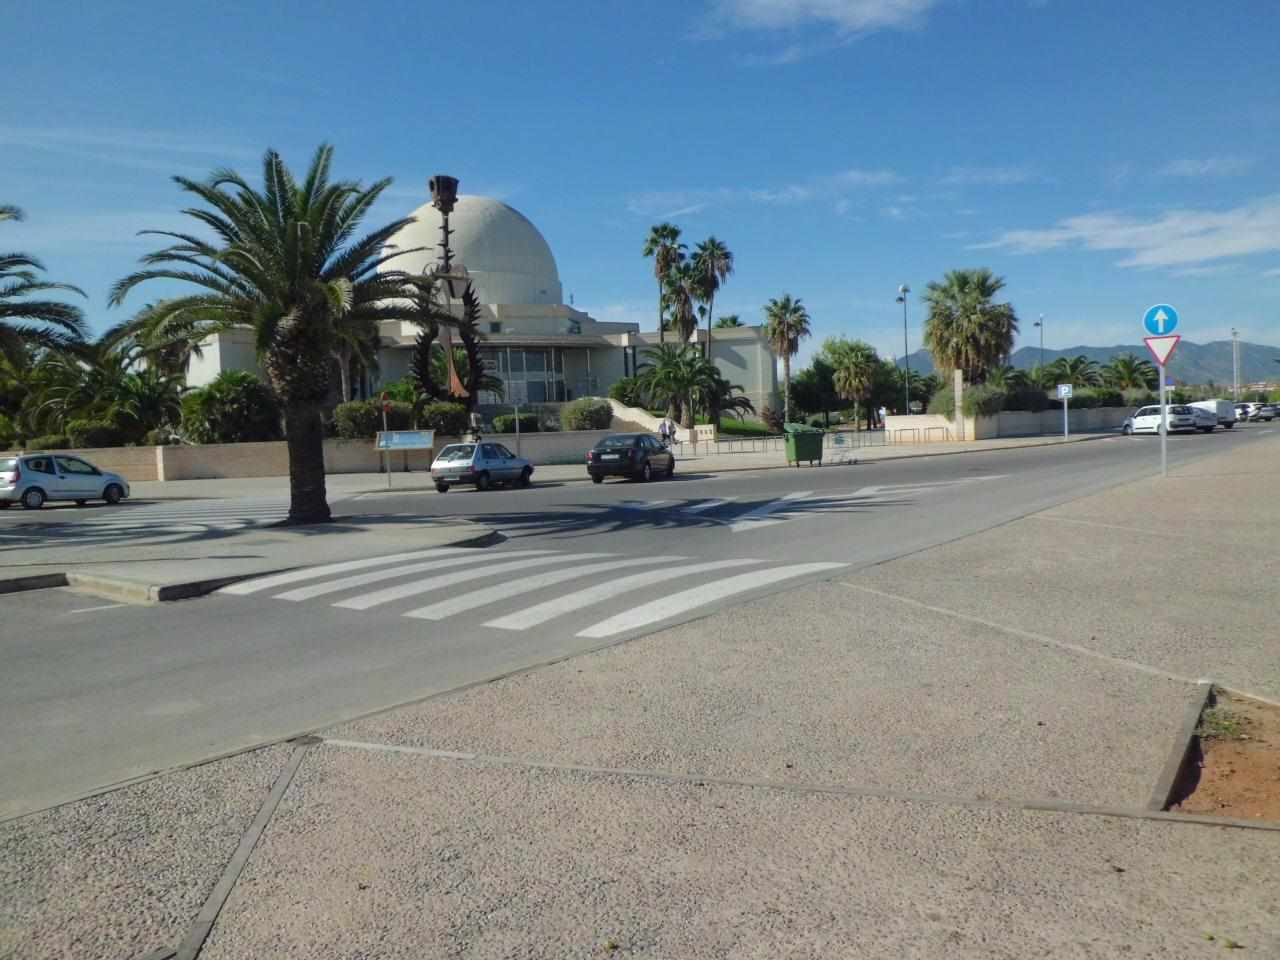 Alquiler vacaciones en El Grao de Castellón, Castellón